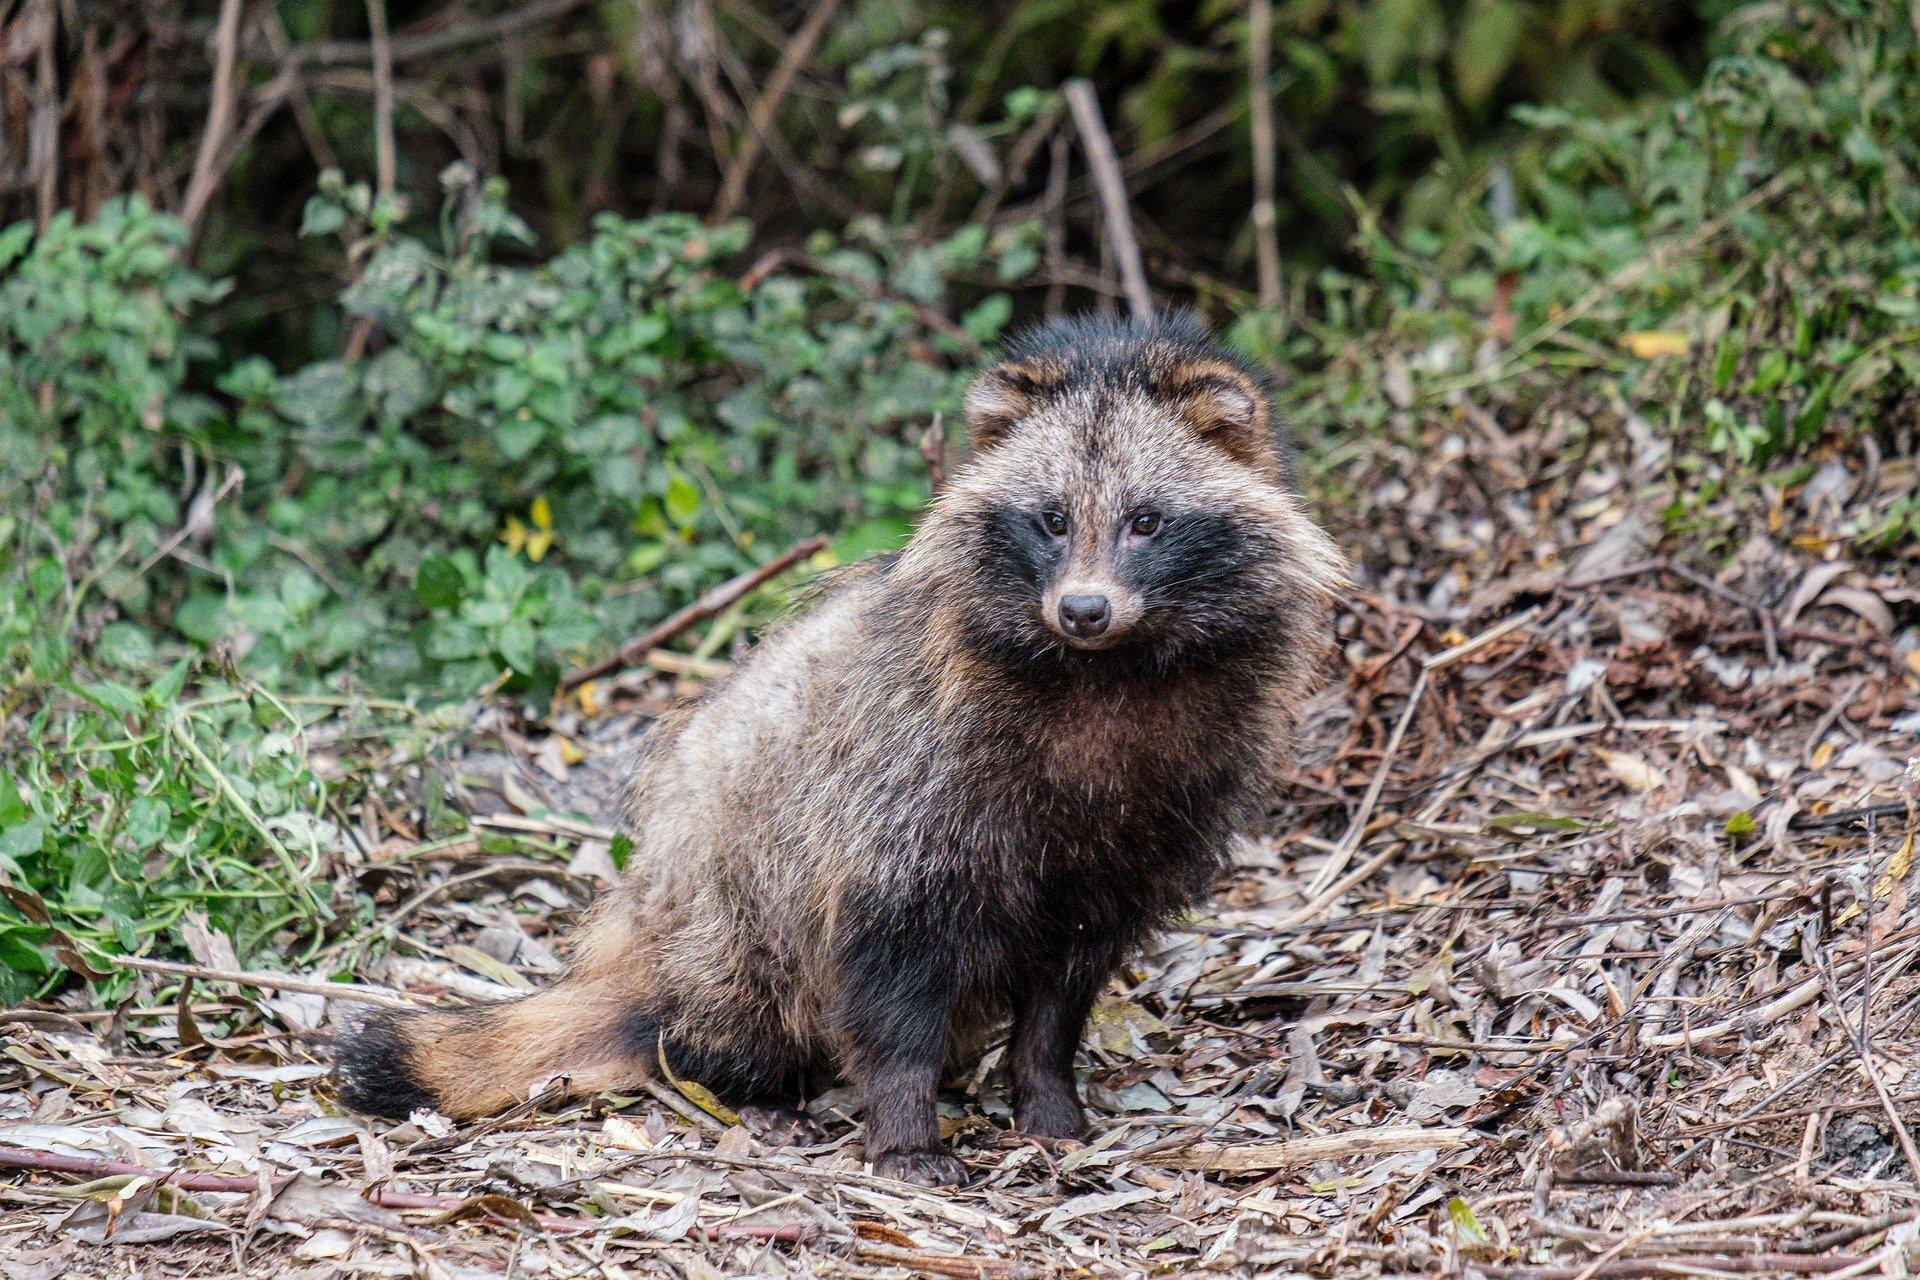 Raccoon dog 5791402 1920